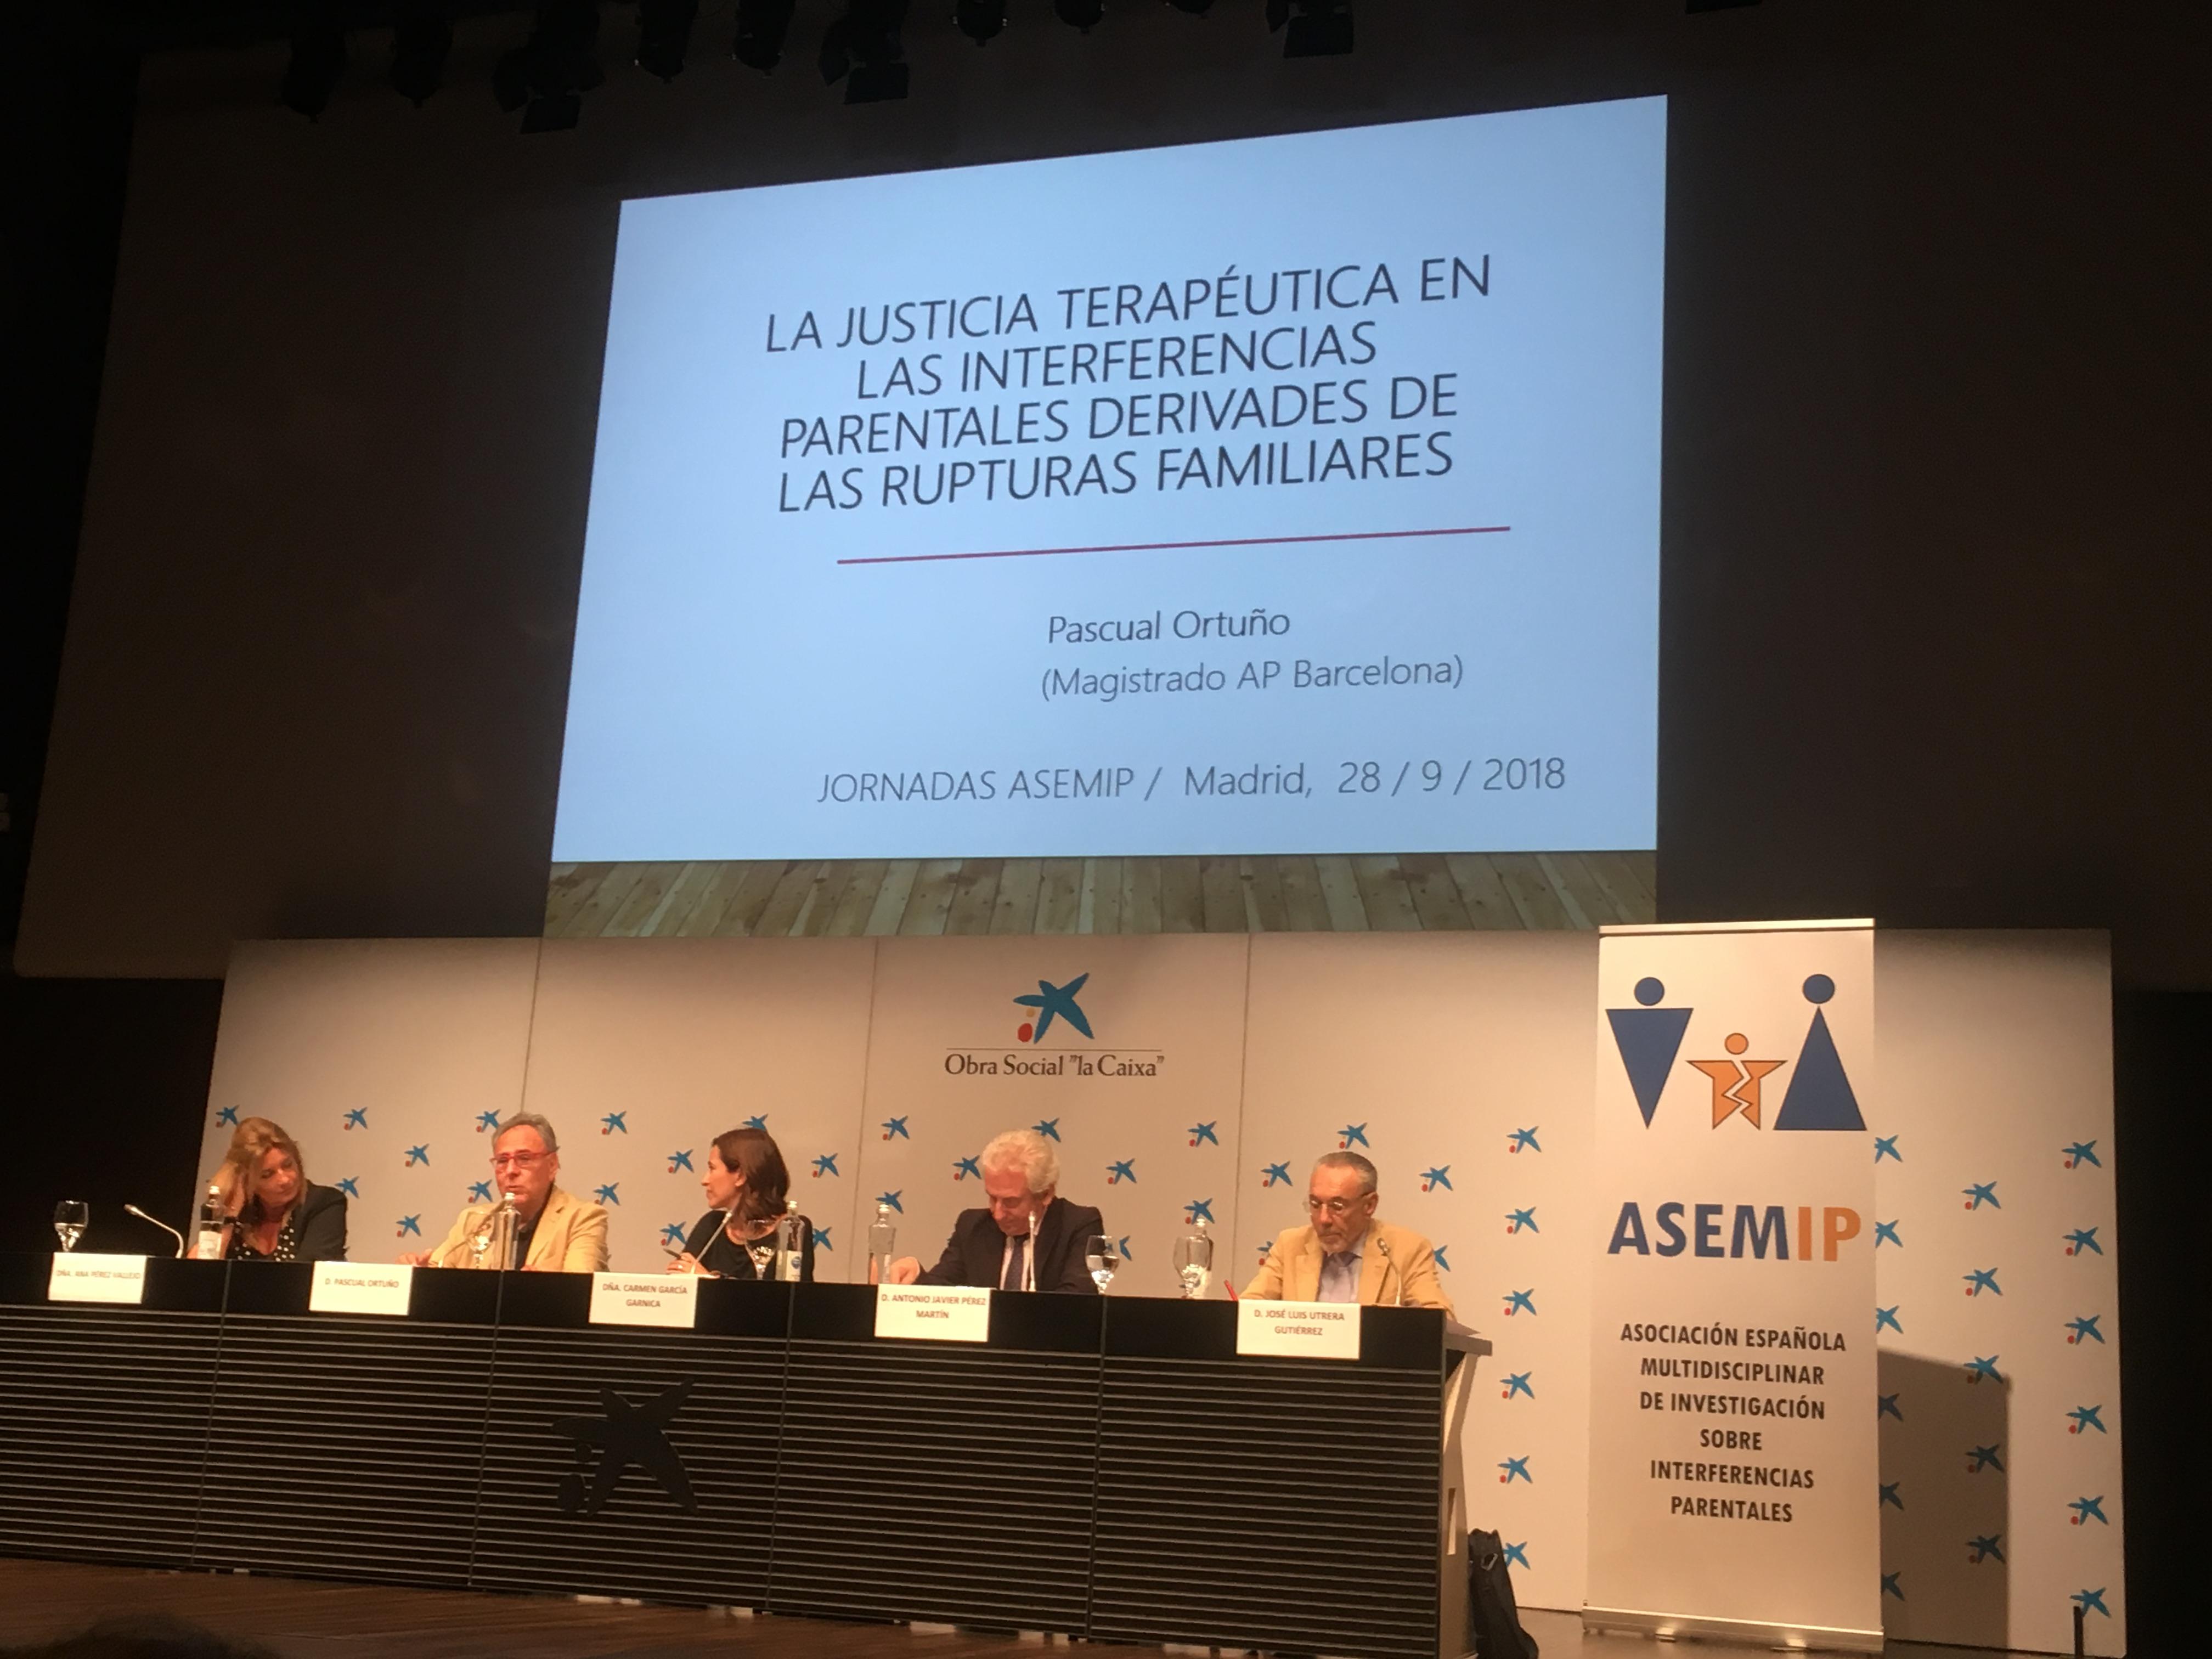 Intervención Pascual Ortuño